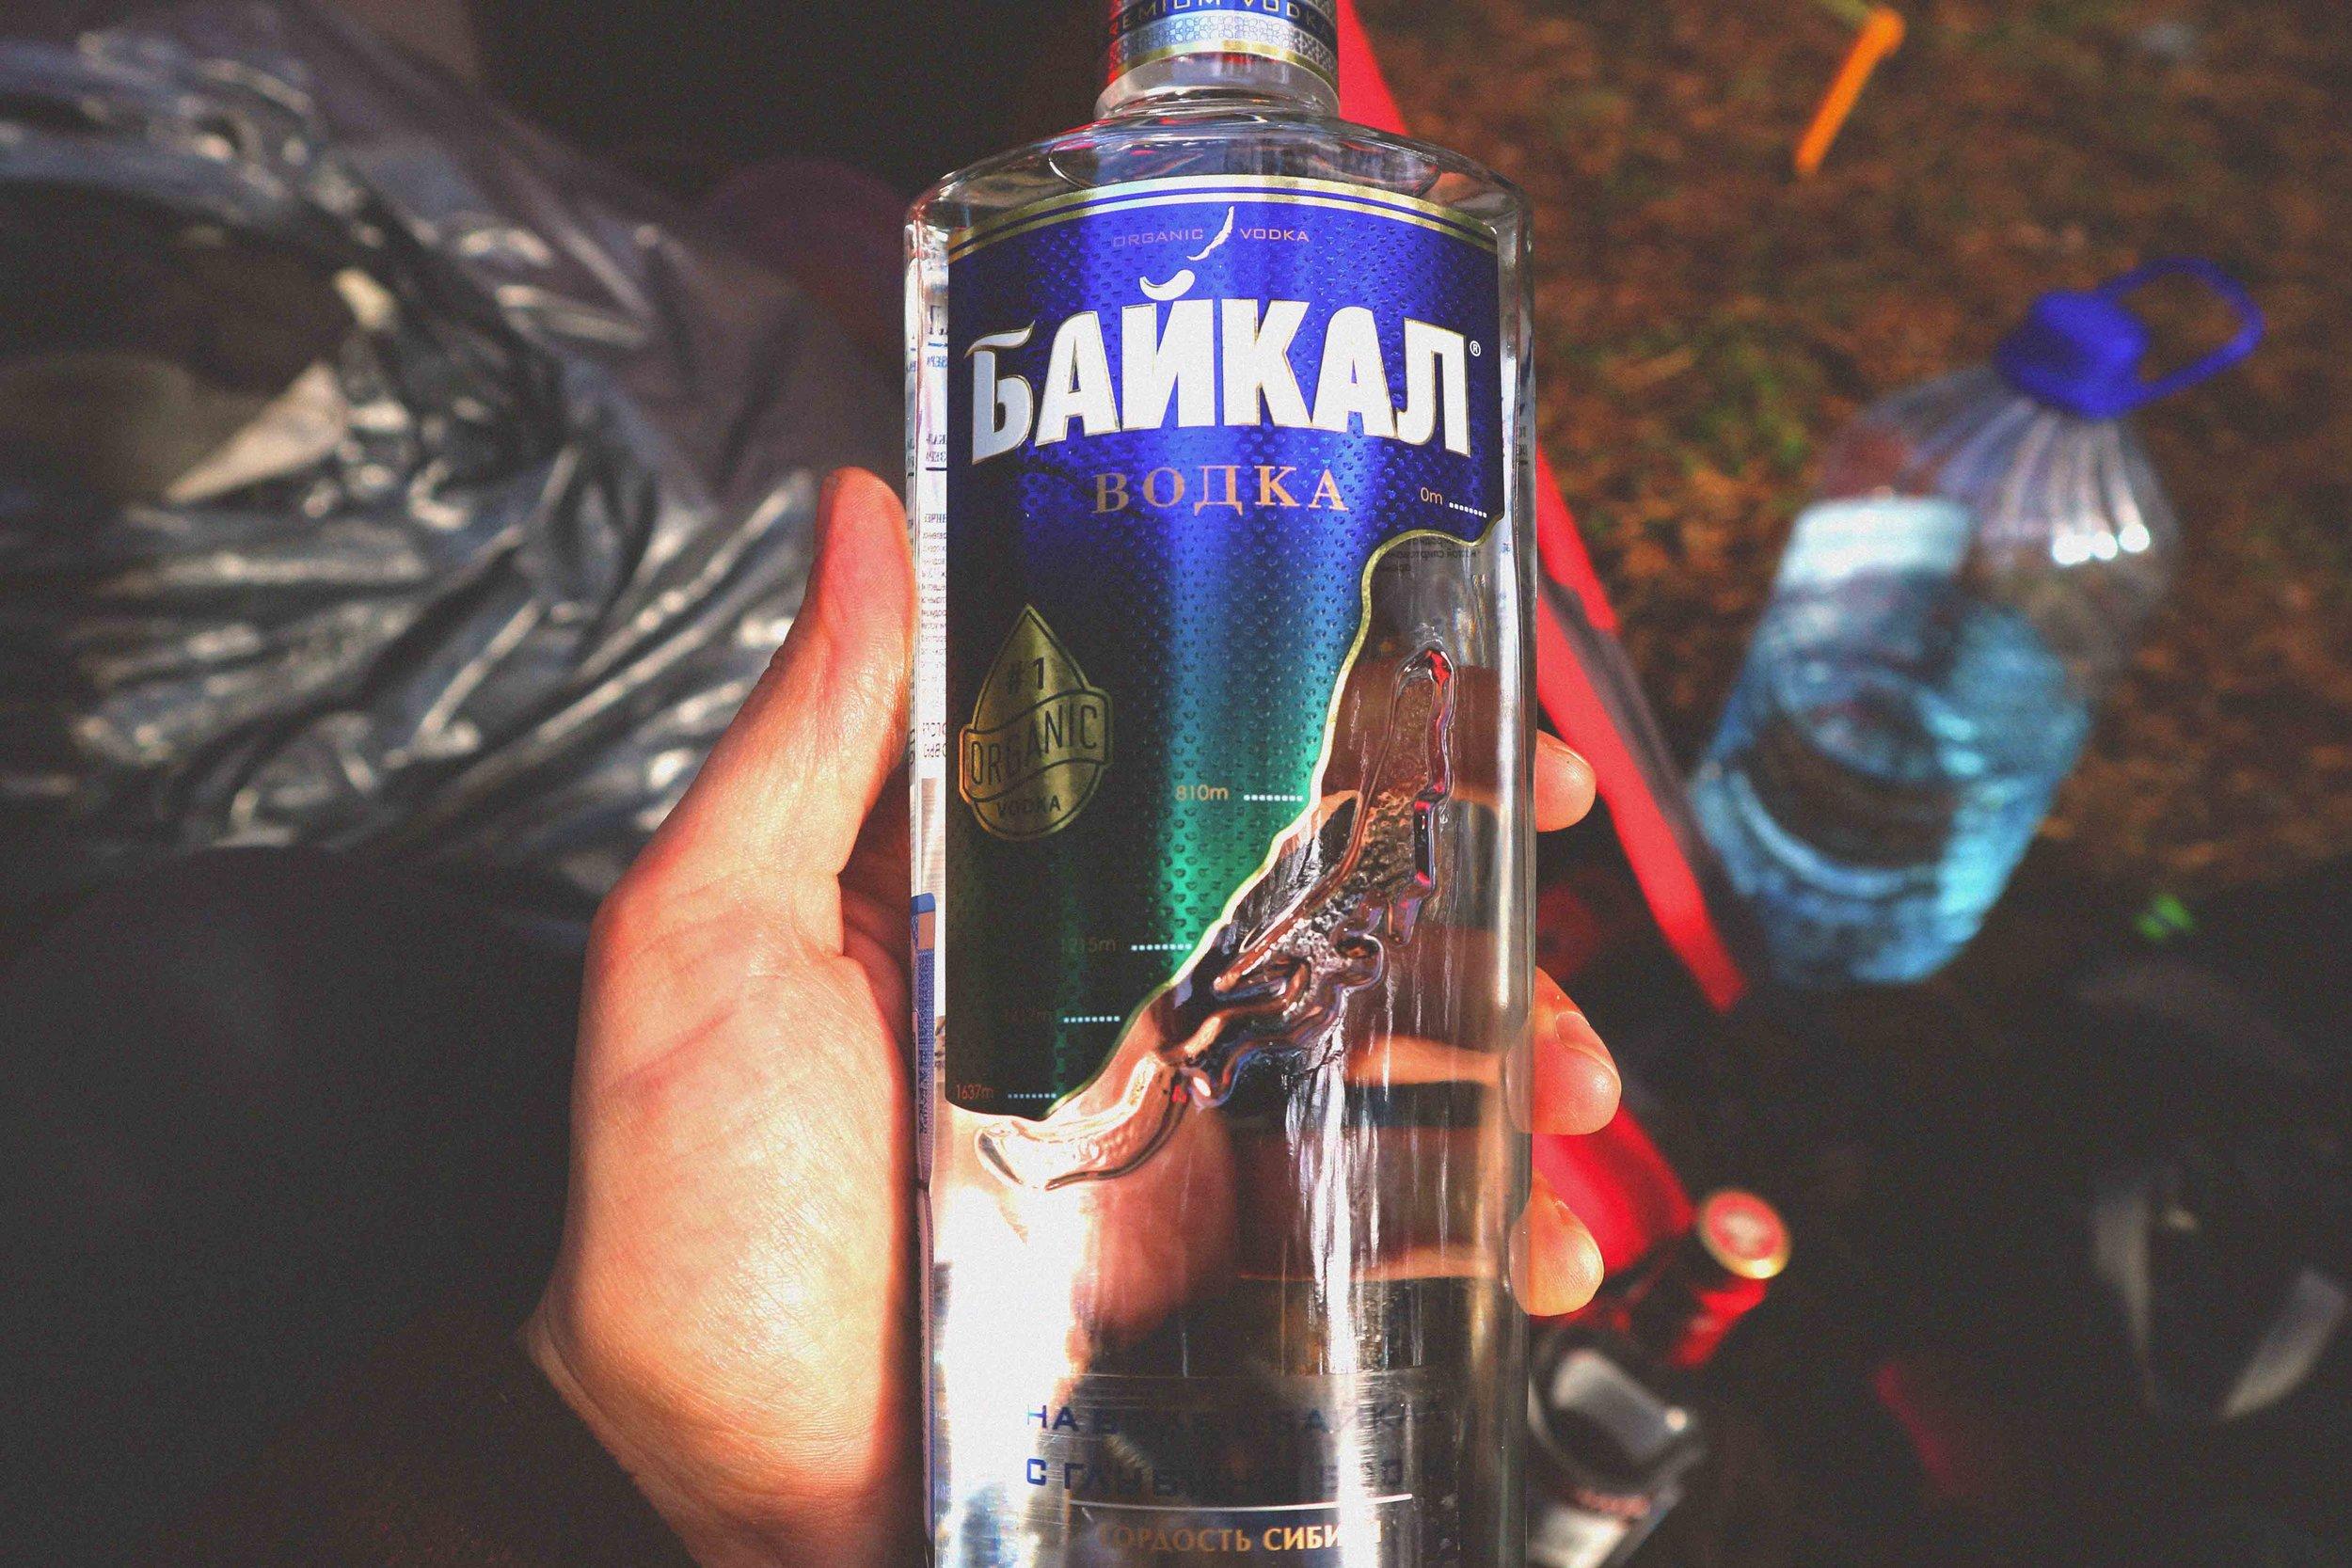 Lake Baikal Vodka